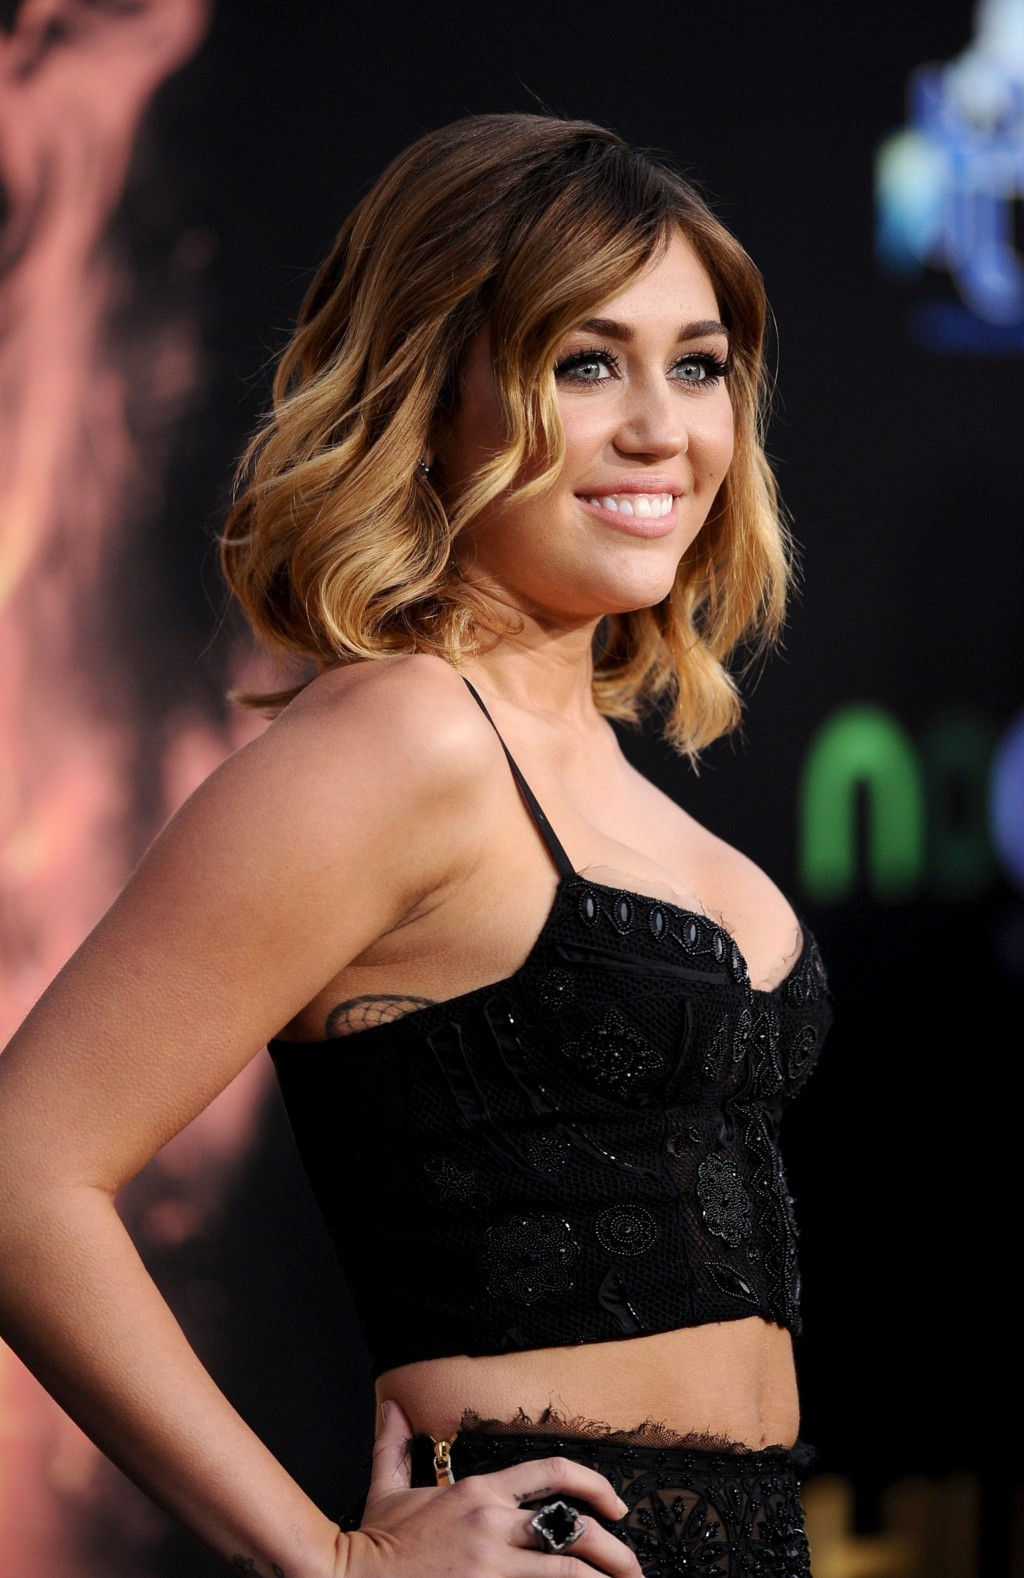 http://2.bp.blogspot.com/-RqW7fQKRoKc/T4ZB41mKDLI/AAAAAAAABq4/6UePGJvIWa8/s1600/Miley%2BCyrus%2BPremiere%2Bin%2BLos%2BAngeles%2B14.jpg